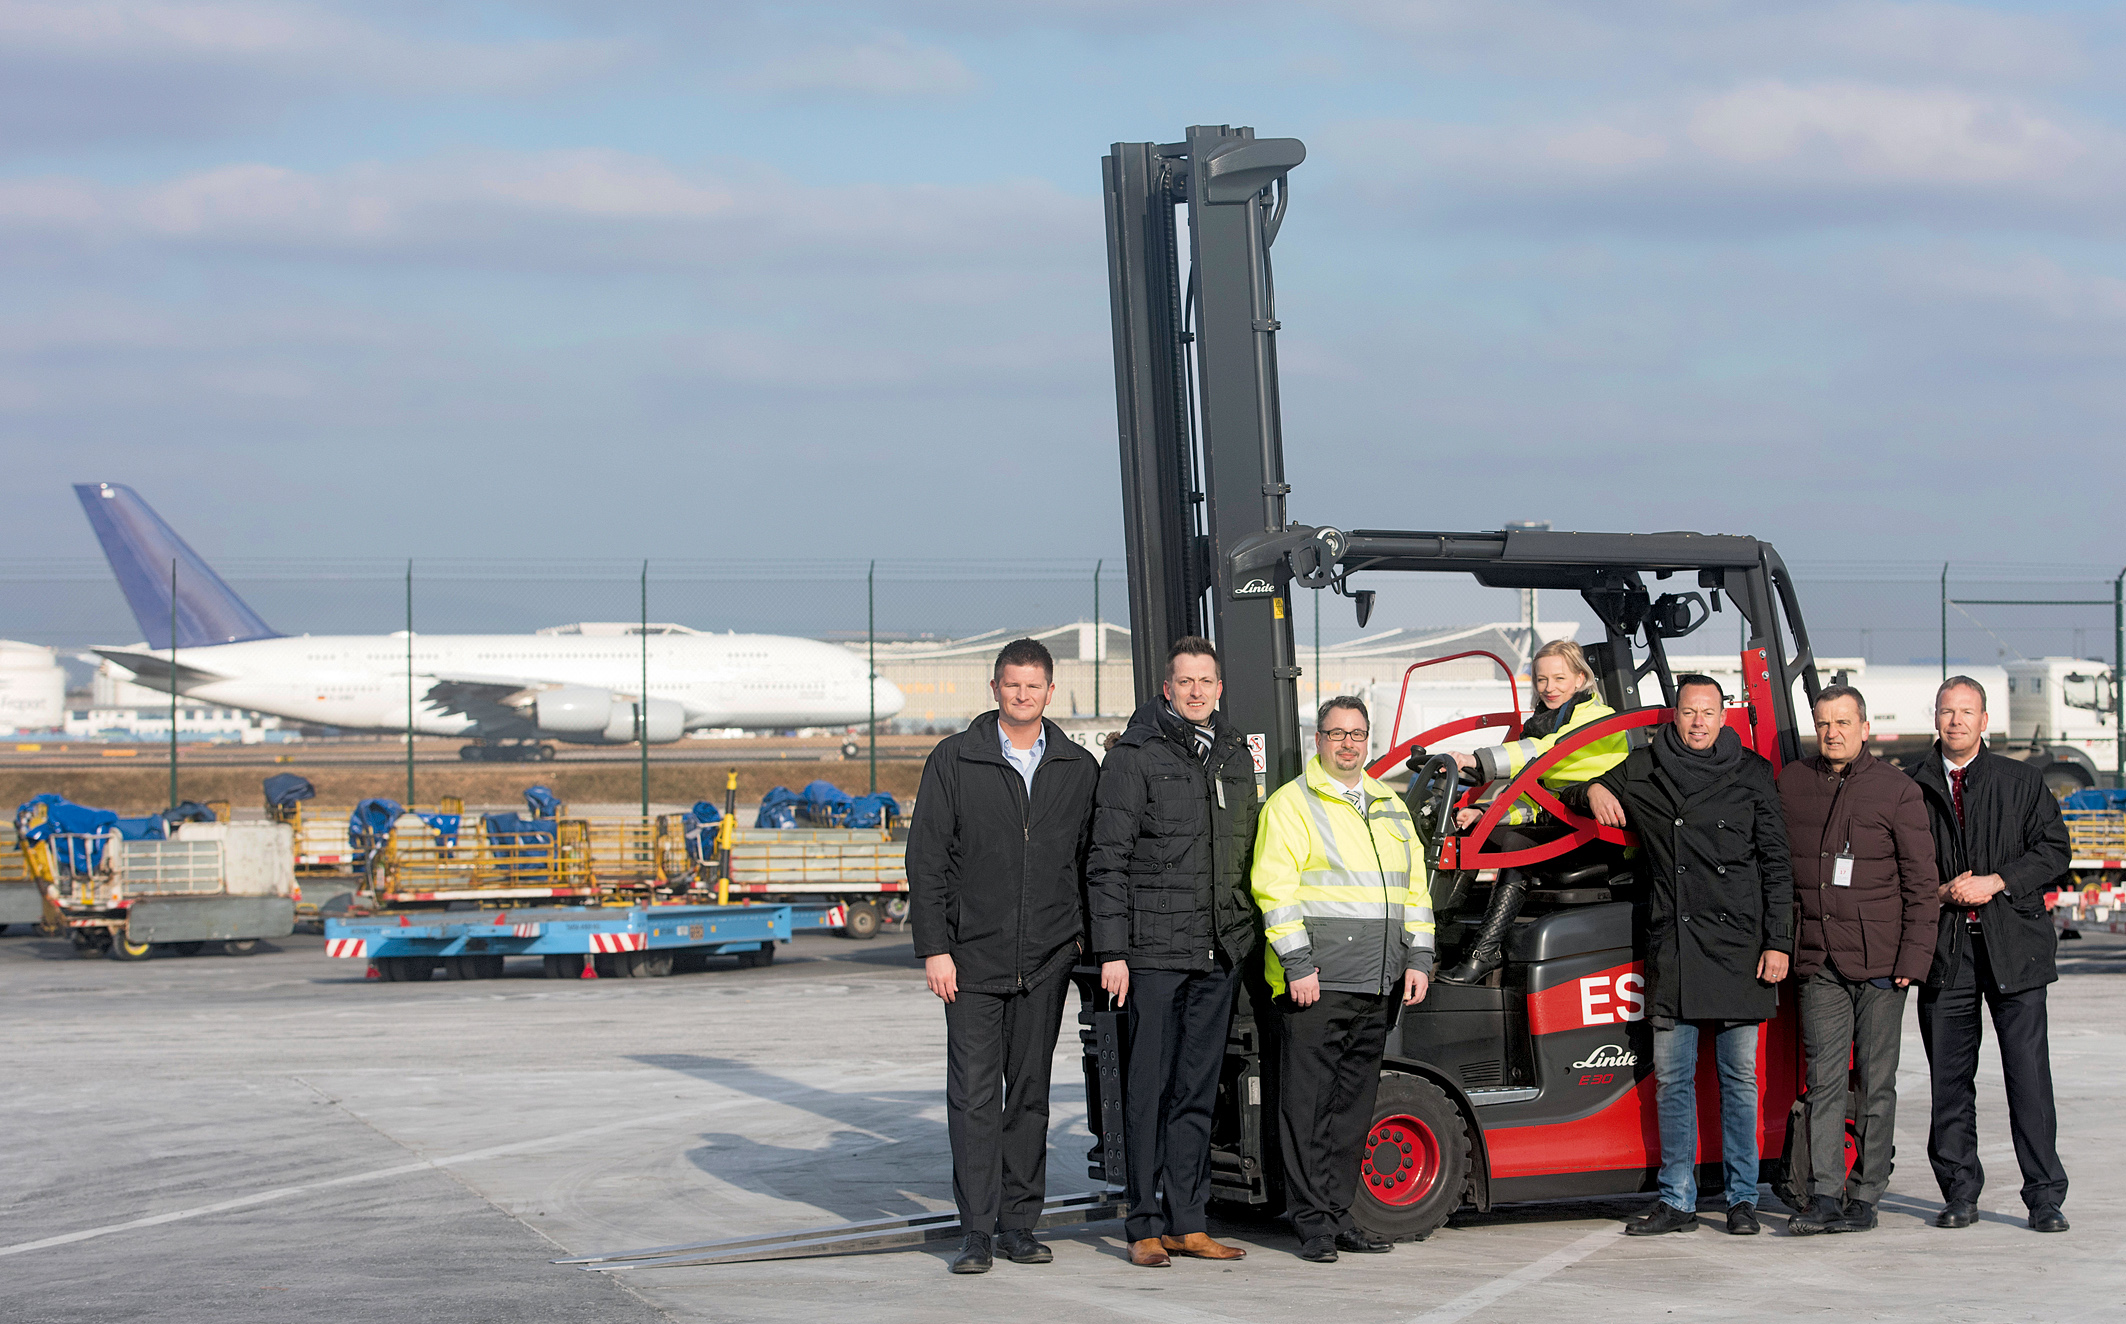 Vor gut drei Jahren testete die Frankfurt Cargo Services GmbH (FCS) einen Prototyp des Linde-Roadsters, jetzt wurden die ersten Seriengeräte offiziell übergeben. In der CargoCity Süd am Flughafen in Frankfurt am Main trafen sich (v.l.n.r.): Daniel Butte, Head of Product Management Forklift Trucks (Linde MH), Christian Kunkel, Verkaufsleiter Rhein-Main (Suffel Fördertechnik), Steffen Kuhn, Head of Infrastructure, Quality and Project Management (FCS), Sylke Klein, Mitarbeiterin im operativen Bereich (FCS), Oliver Pschorn, Fahrzeugmanager (FCS), Martin Suffel, Geschäftsführer (Suffel Fördertechnik) und Gerd Riske, Verkaufsleitung Deutschland Region Süd und Area Sales Manager Region Benelux (Linde MH). Foto: Linde Material Handling GmbH, Aschaffenburg.